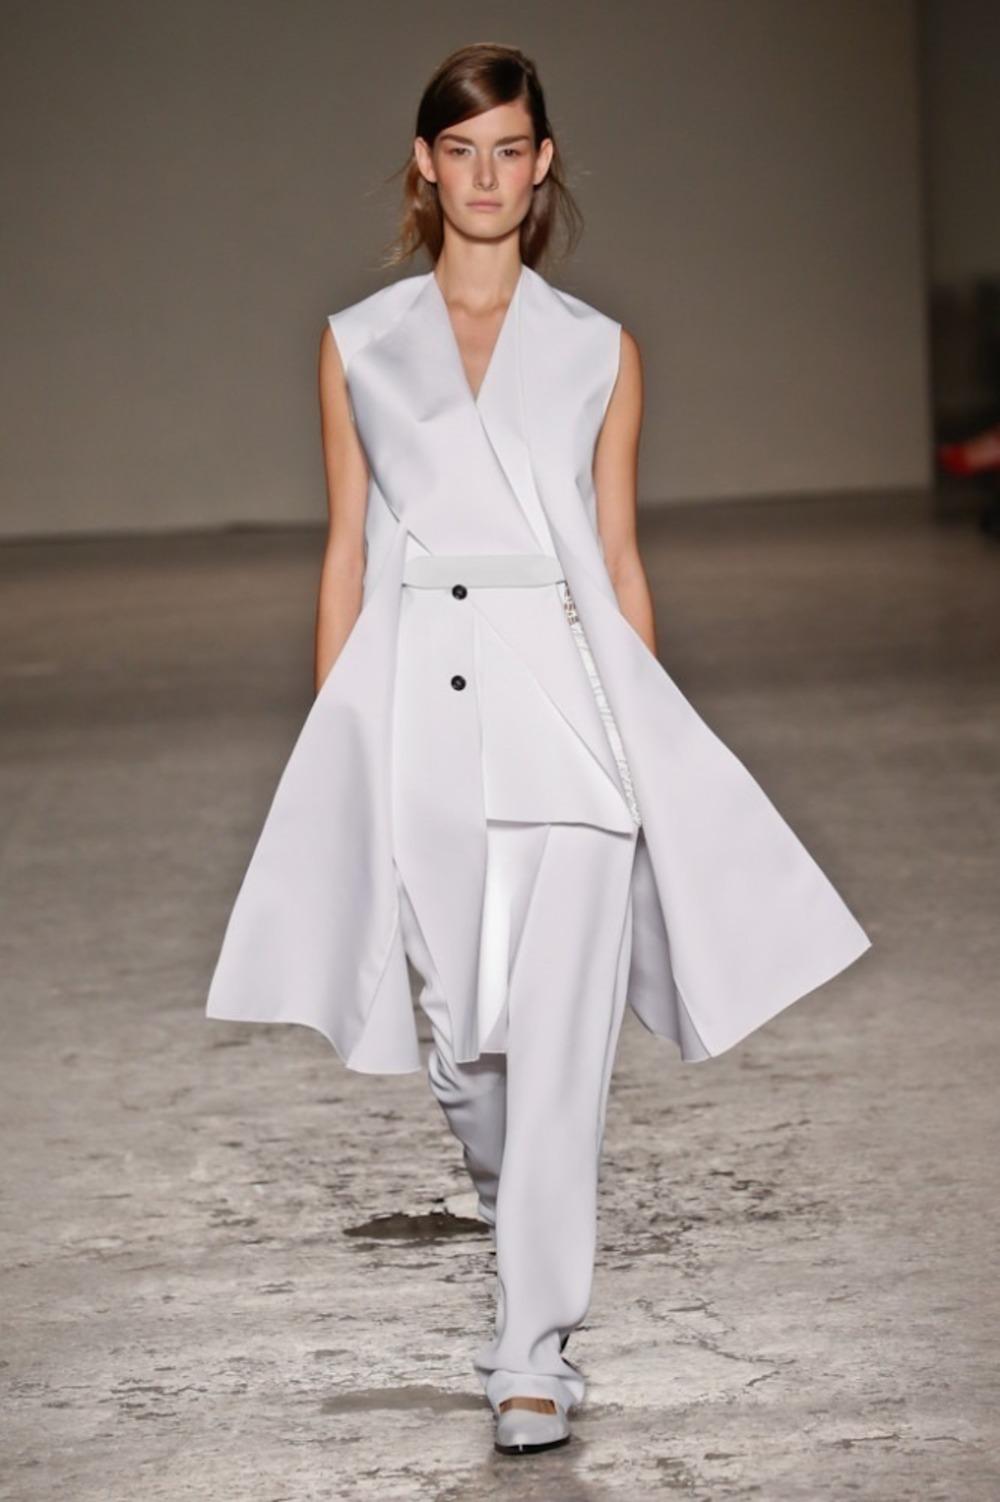 Diseño de Modas del Año, 9na Edición IDA: Gabriele Colangelo por su Colección Primavera-Verano 2015. Foto: Gabriele Colangelo